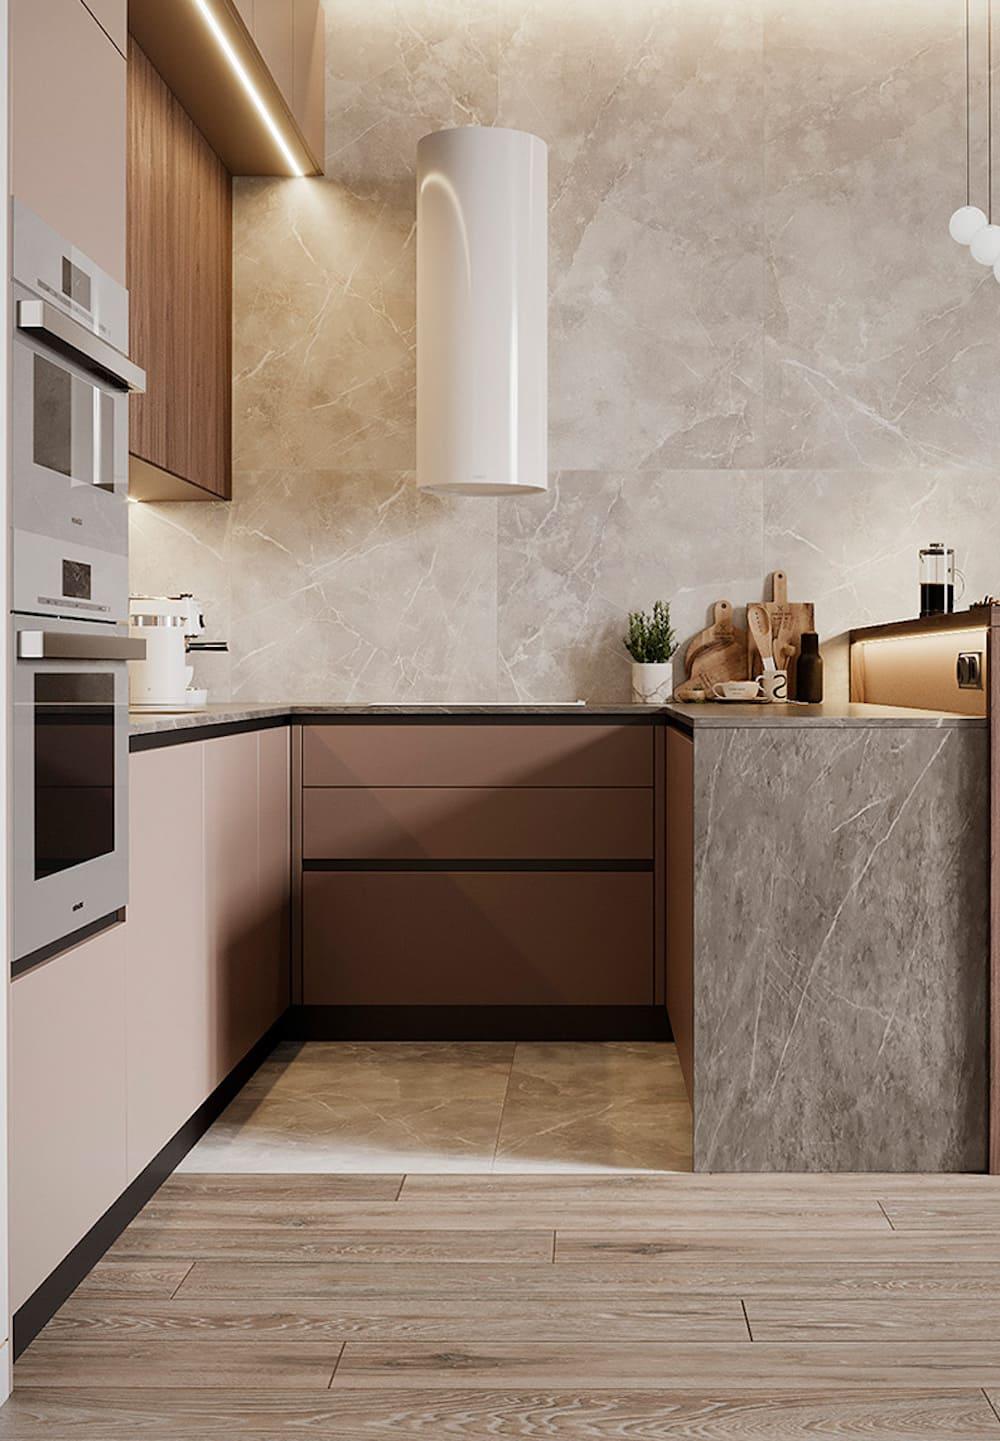 дизайн кухни в современном стиле фото 18